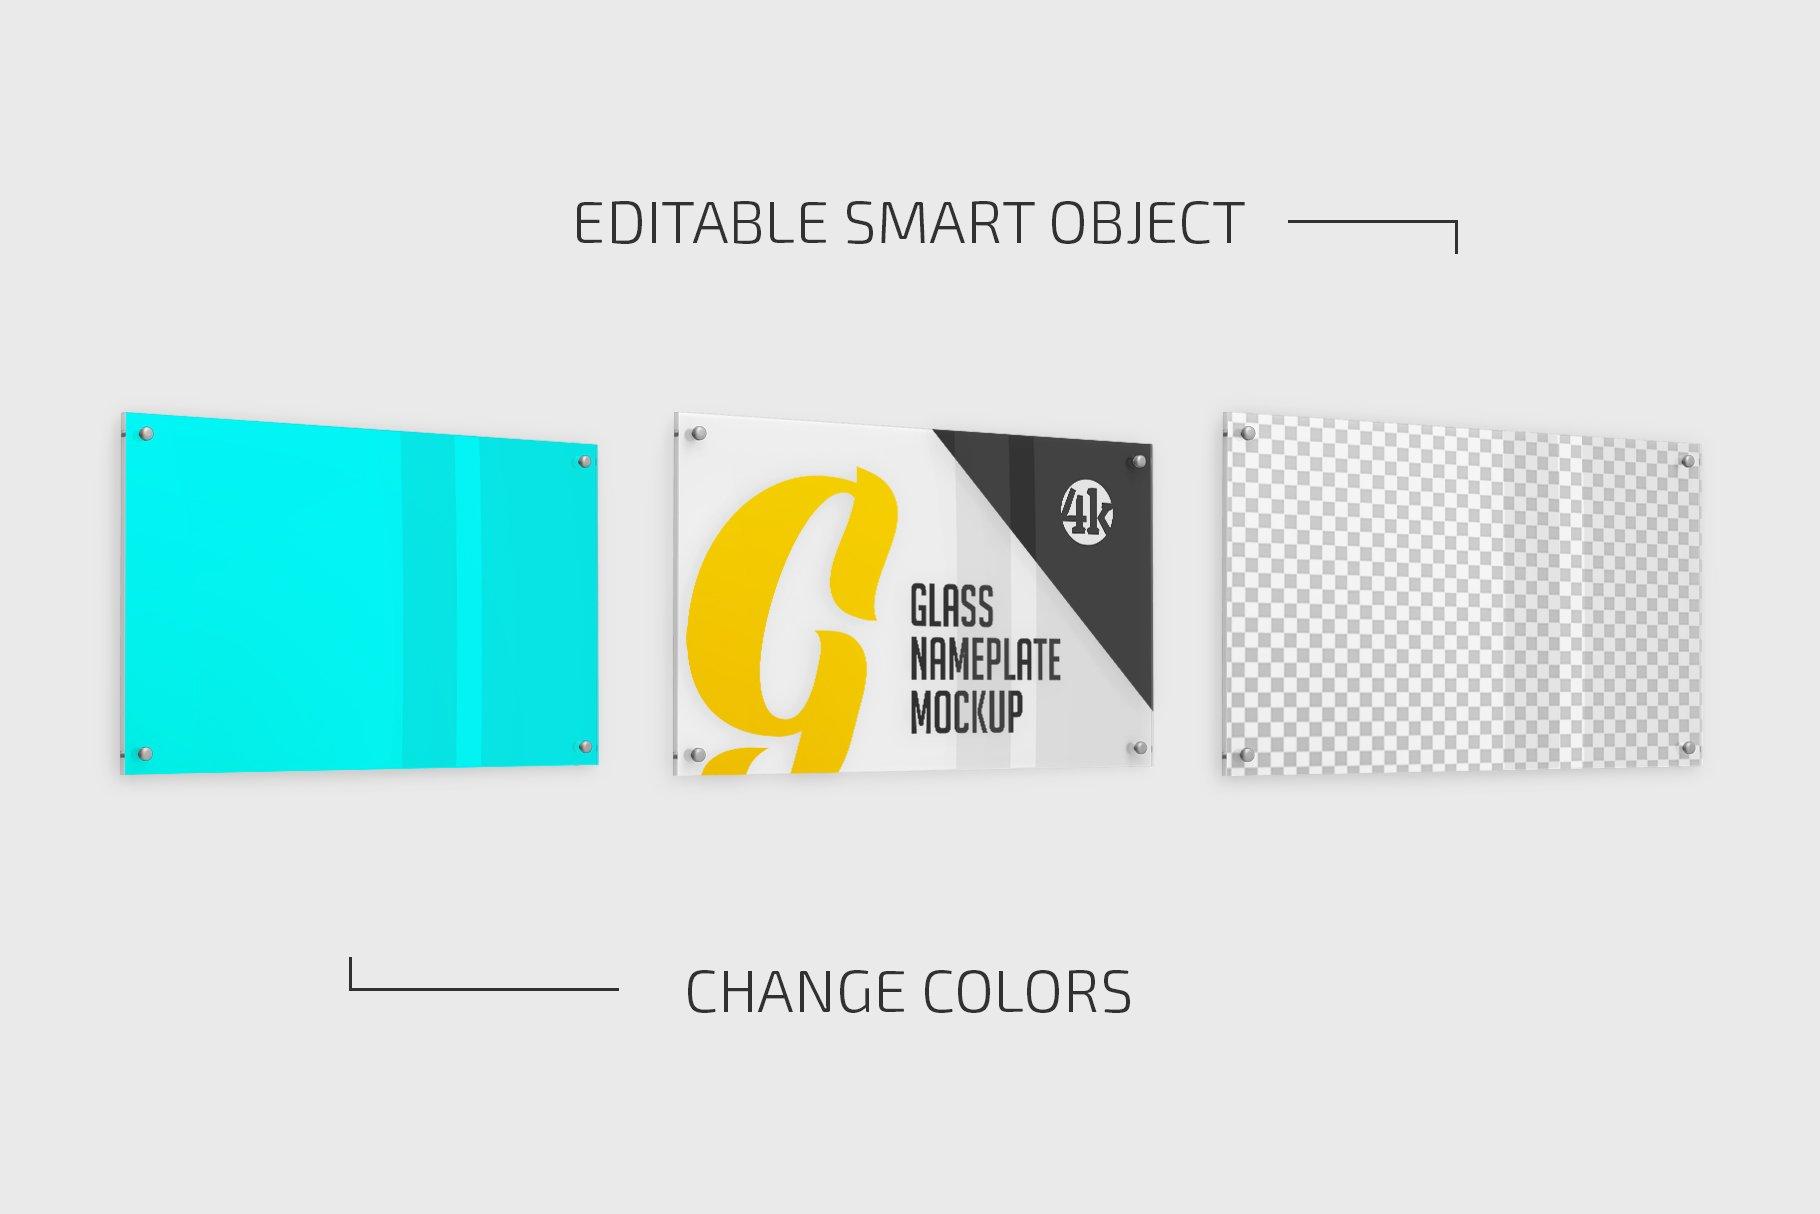 5款矩形玻璃铭牌门牌PSD样机模板 Rectangular Glass Nameplate Mockup插图(1)